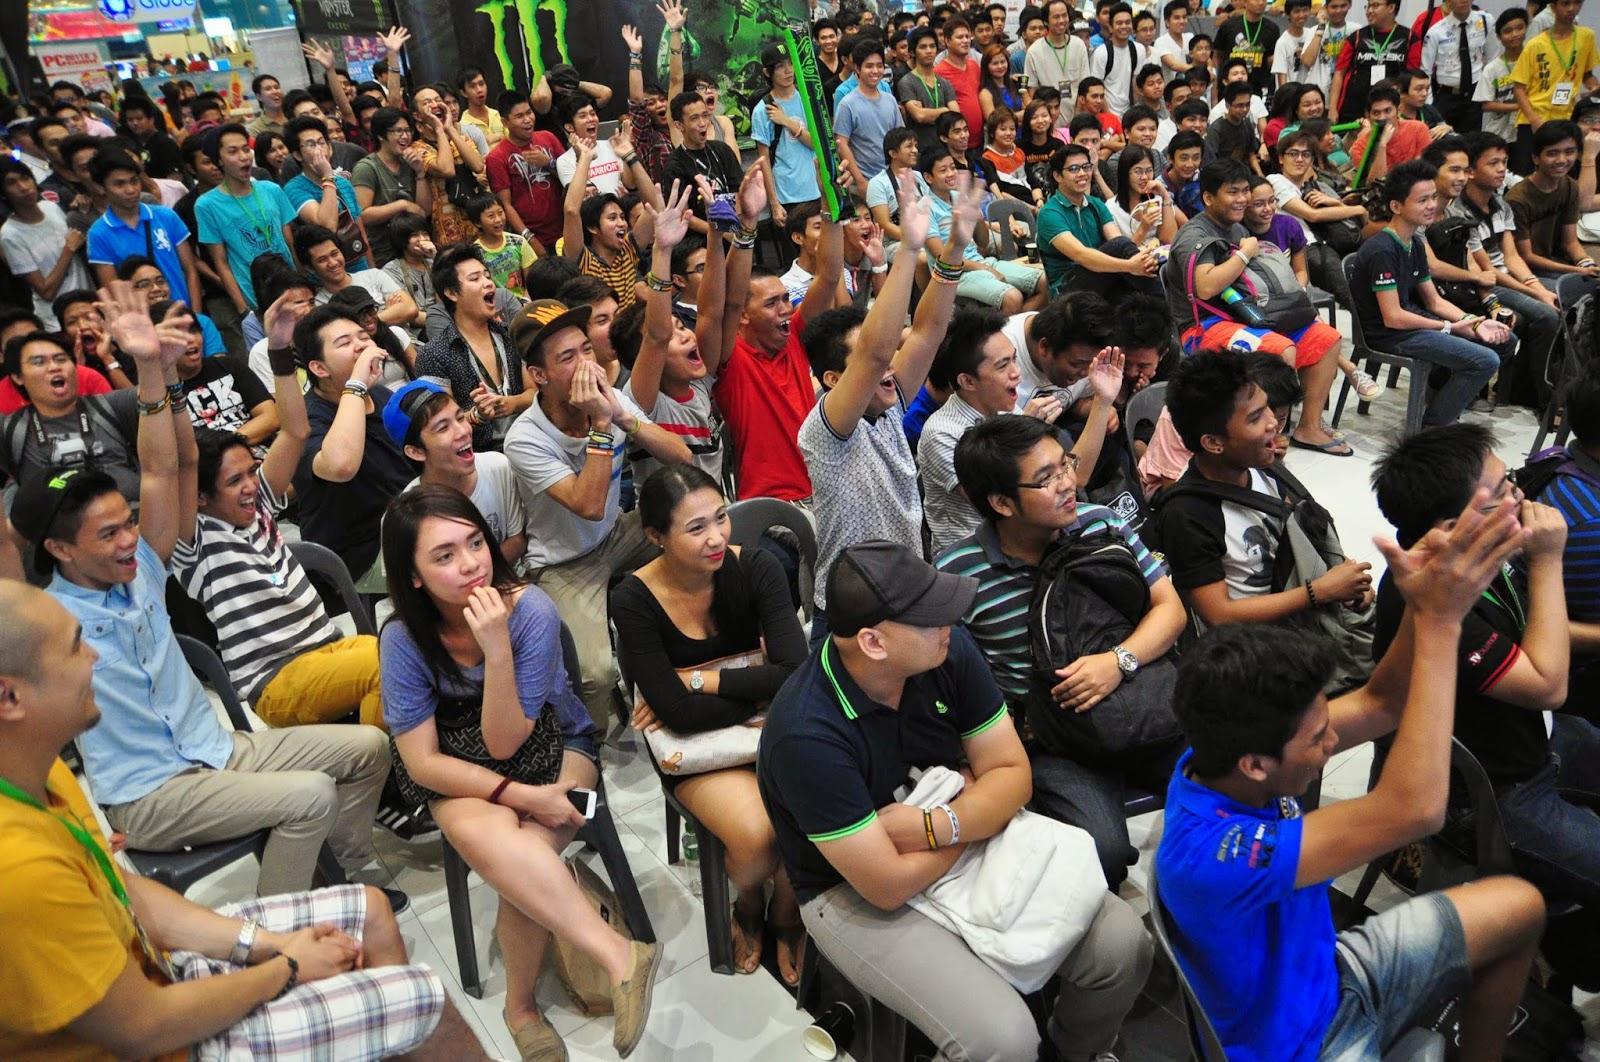 CyberSlam 2014 Crowd